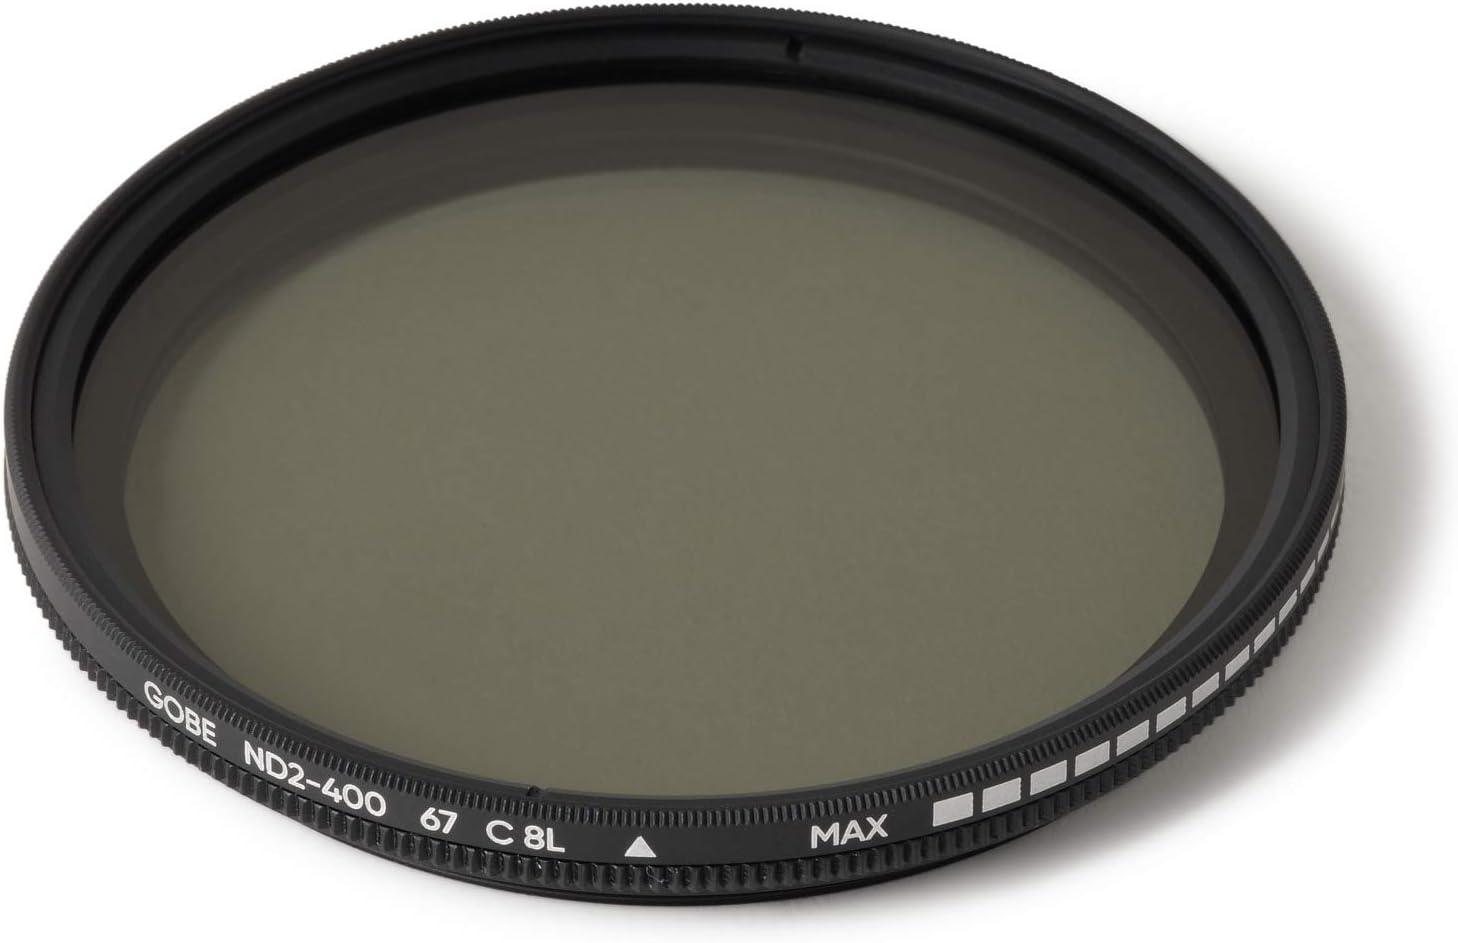 1Peak Gobe NDX 58mm Variable ND Lens Filter